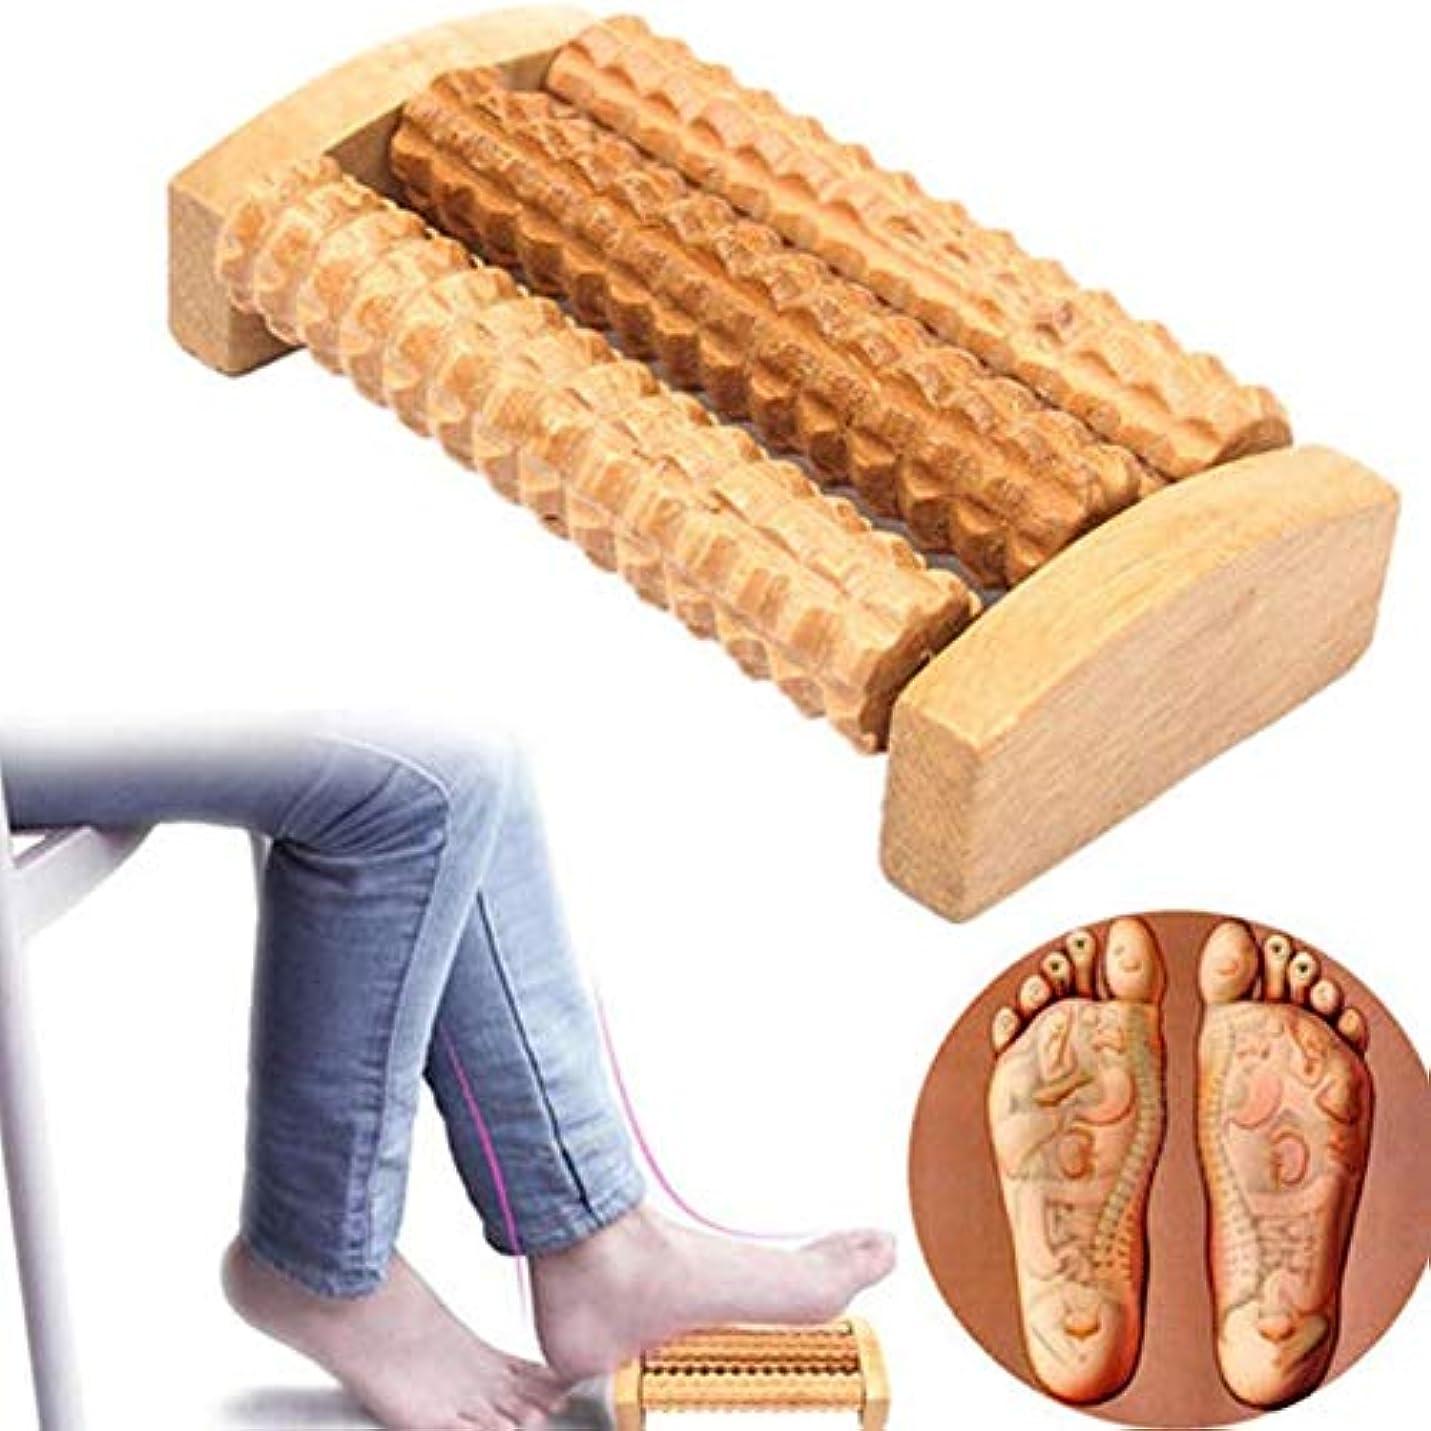 忠実媒染剤眠り木製フットマッサージャー高品質木製 5 行応力除去治療リラックスマッサージローラー健康 足ケアマッサージツール